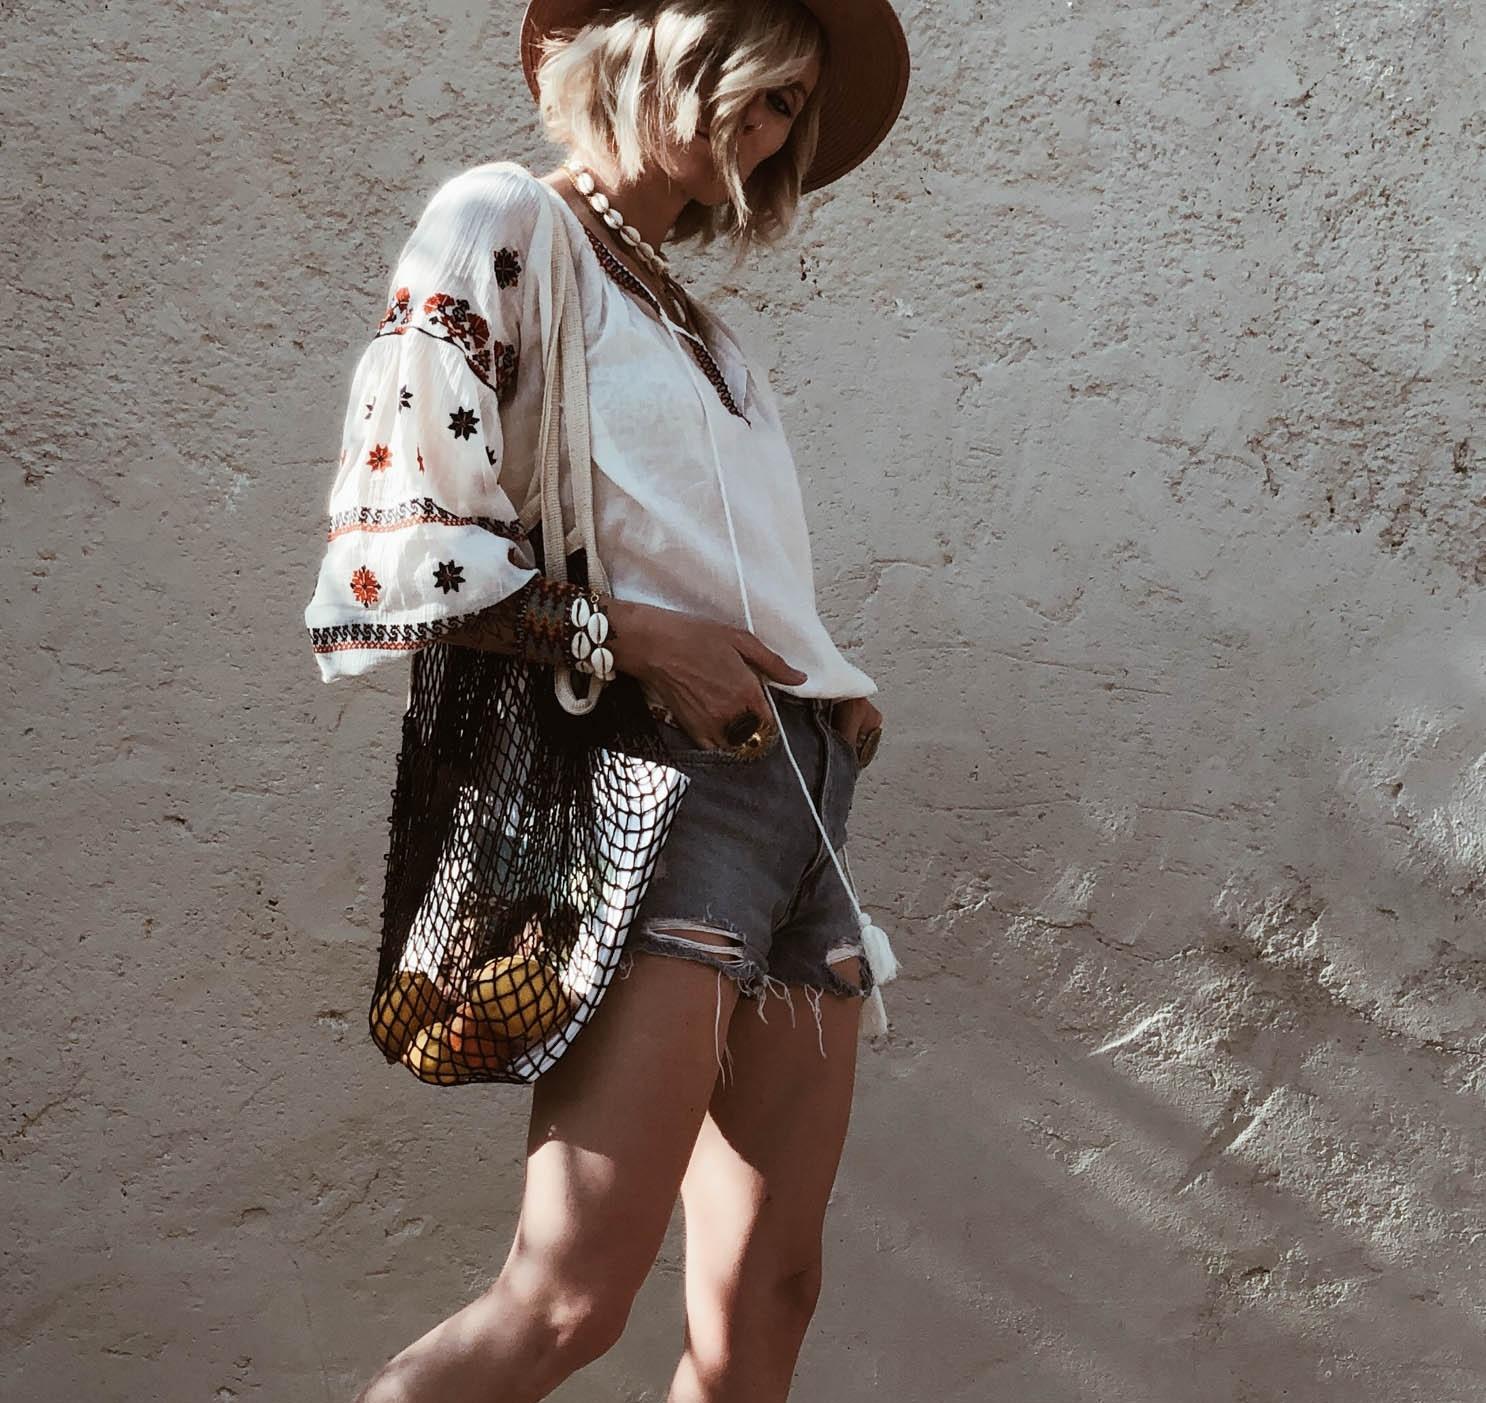 Carnet+Sauvage+-+blog+mode+et+tendances+Lille%2C+blouse+brod%C3%A9e+Starmela